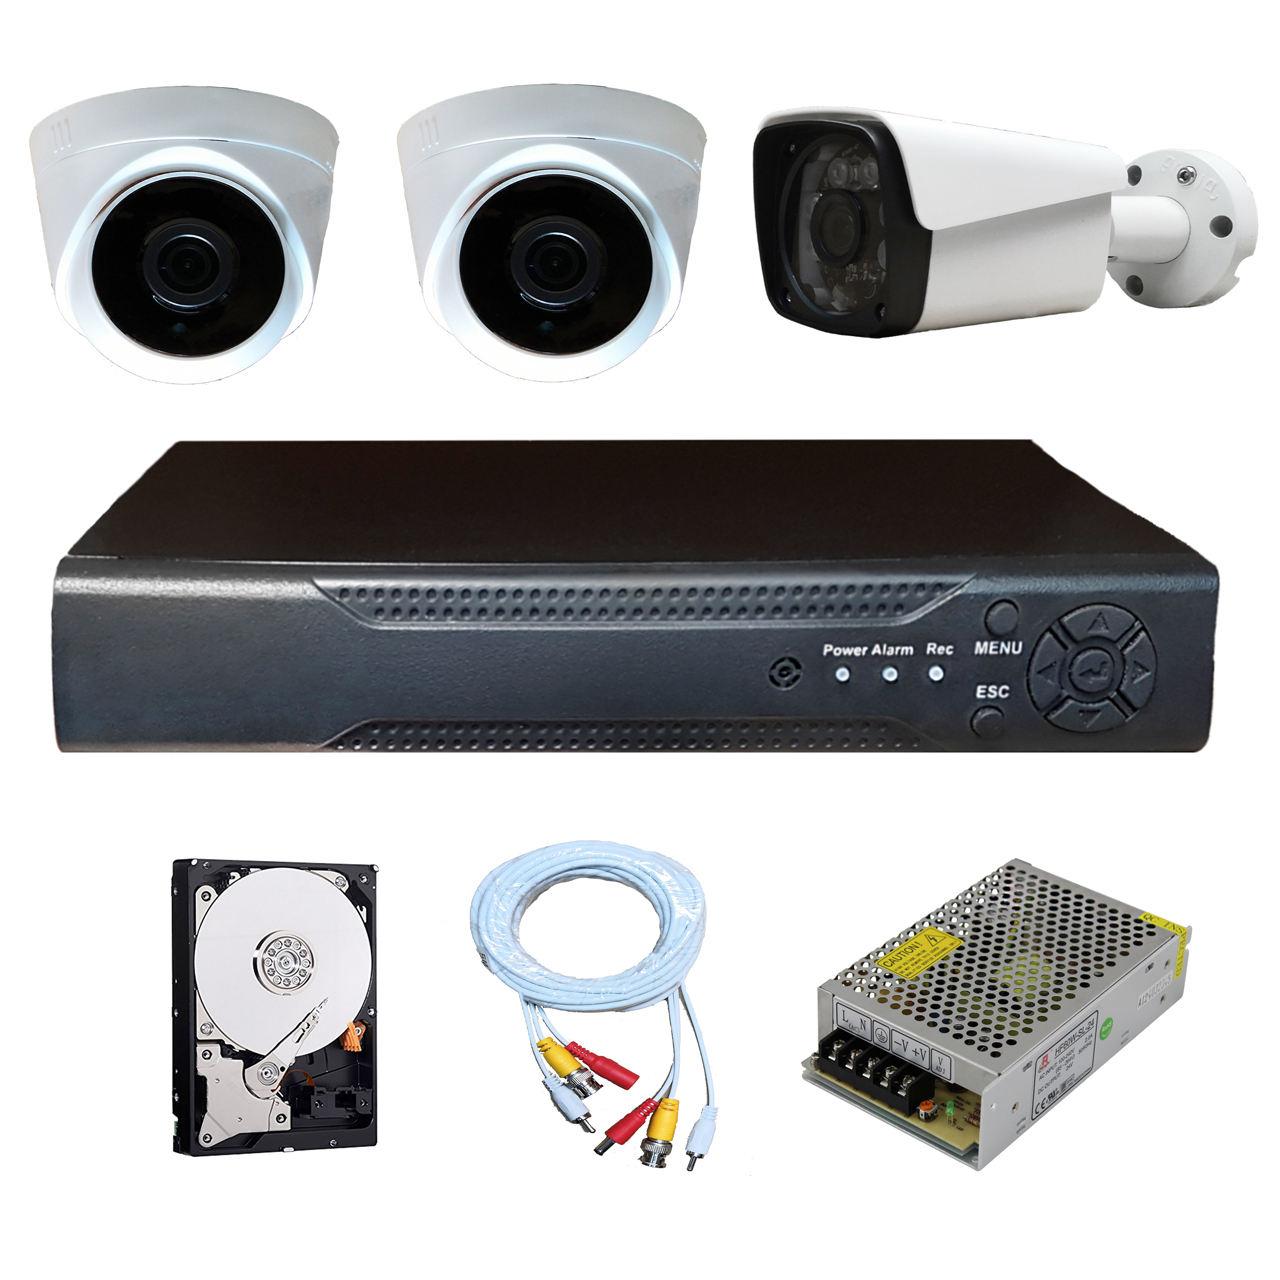 بررسی و خرید [با تخفیف]                                     سیستم امنیتی مدل 6104                             اورجینال